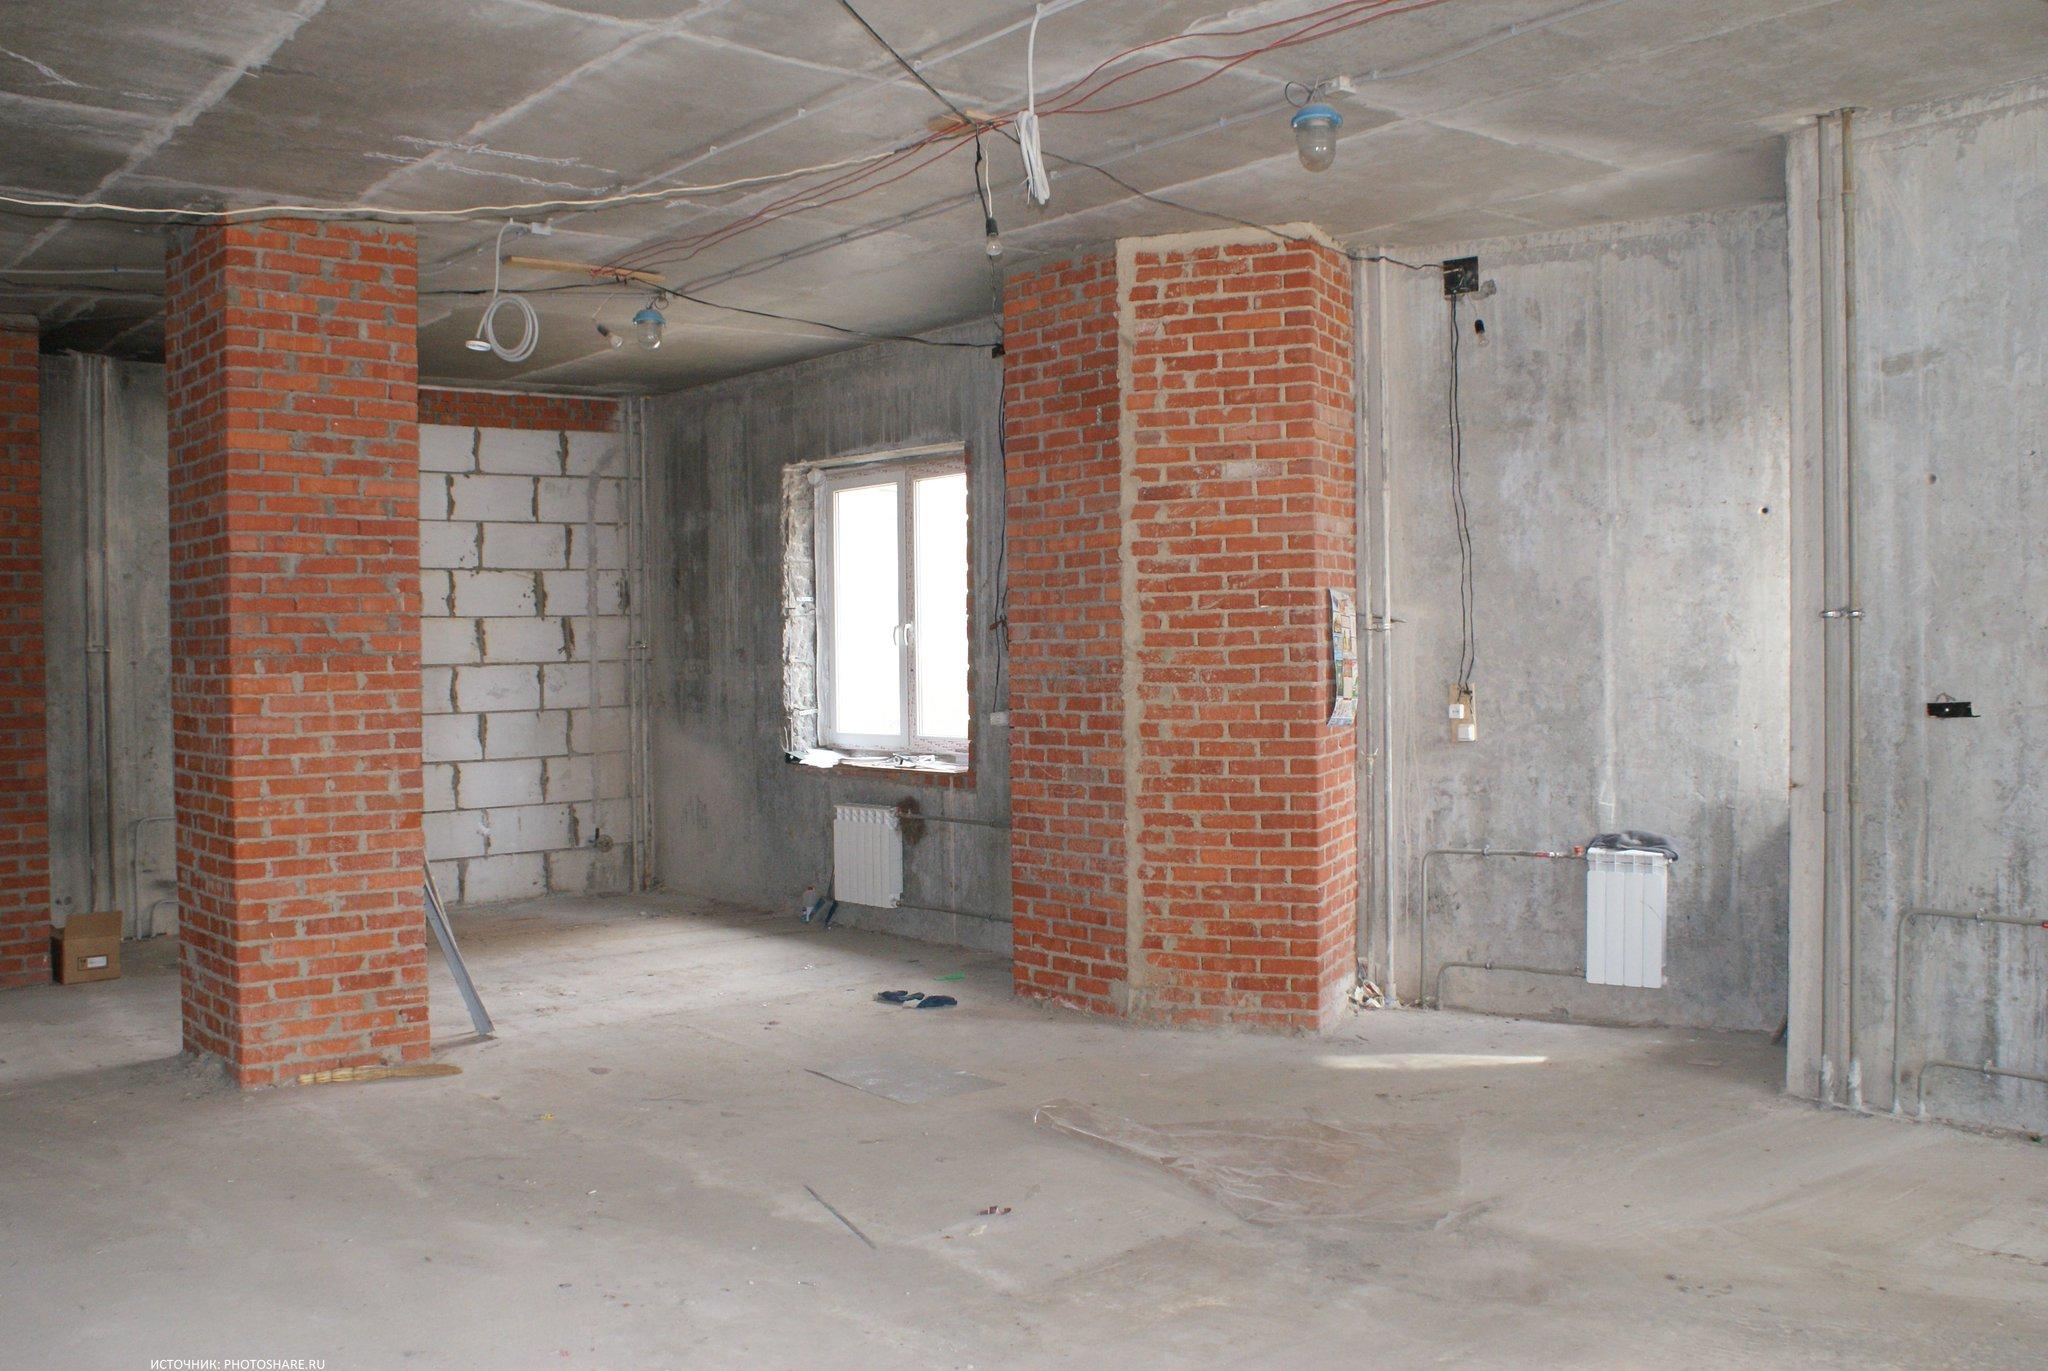 Если перепланировка была проведена без согласований, однако не повлекла нарушений в сфере строительства, ее можно узаконить через МЖИ.